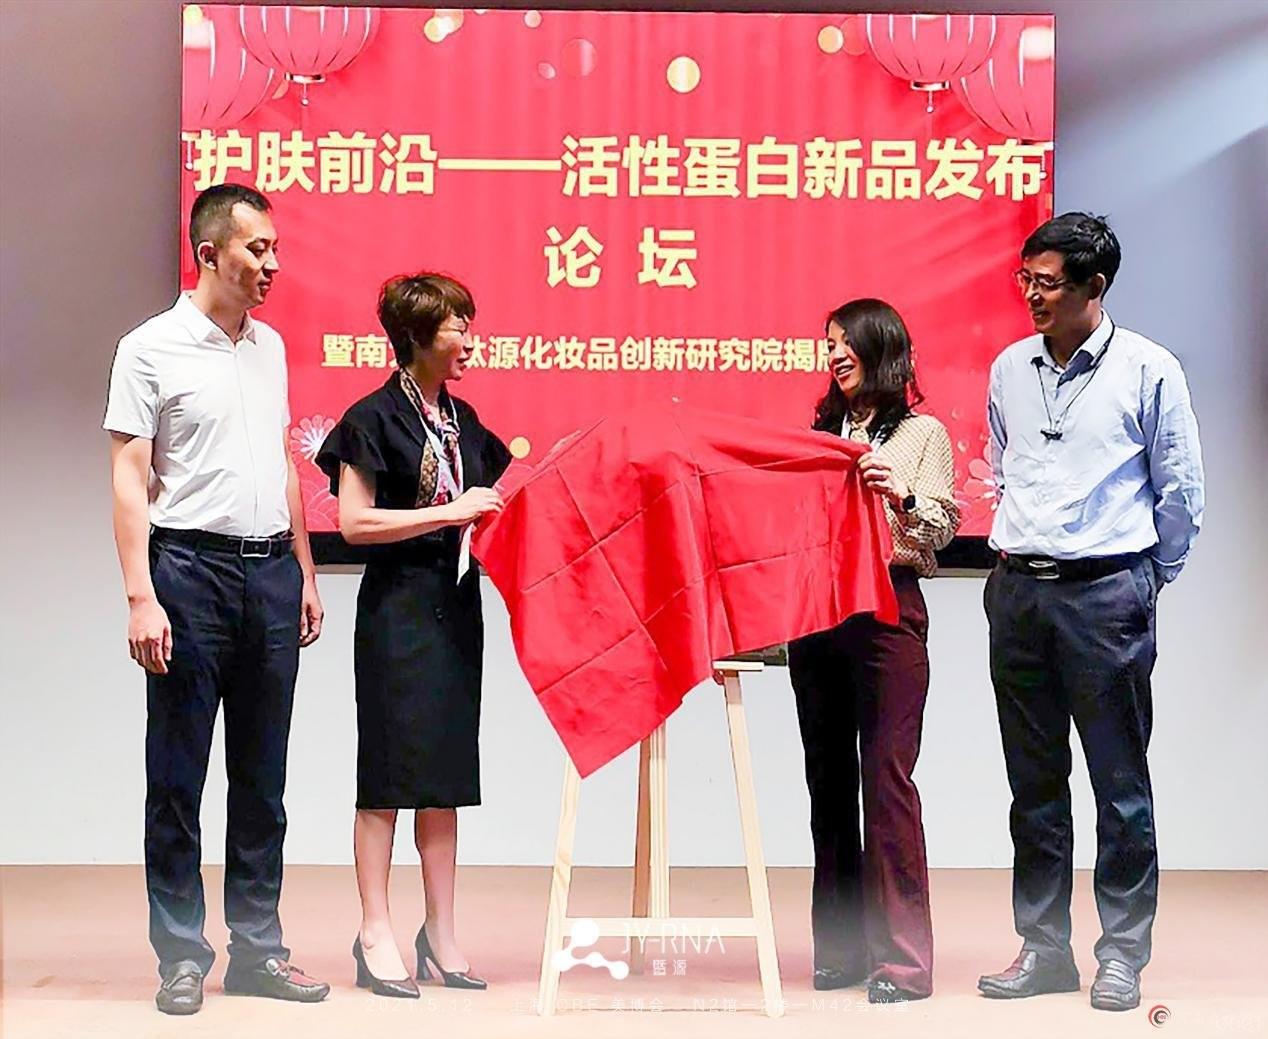 广州暨源生物再领美业先河,新品亮世&化妆品创新研究院揭幕